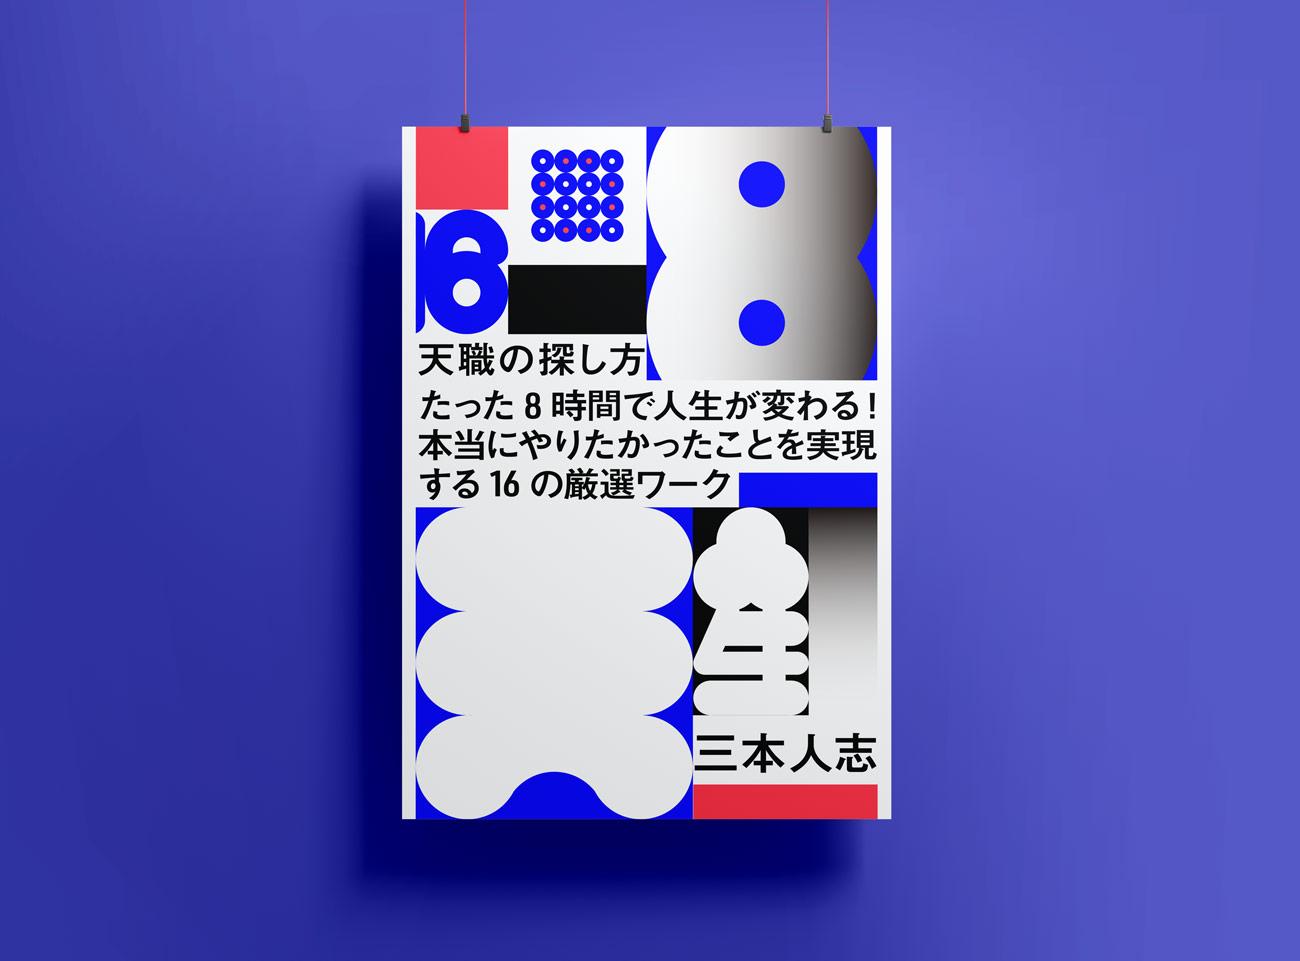 tensyoku02